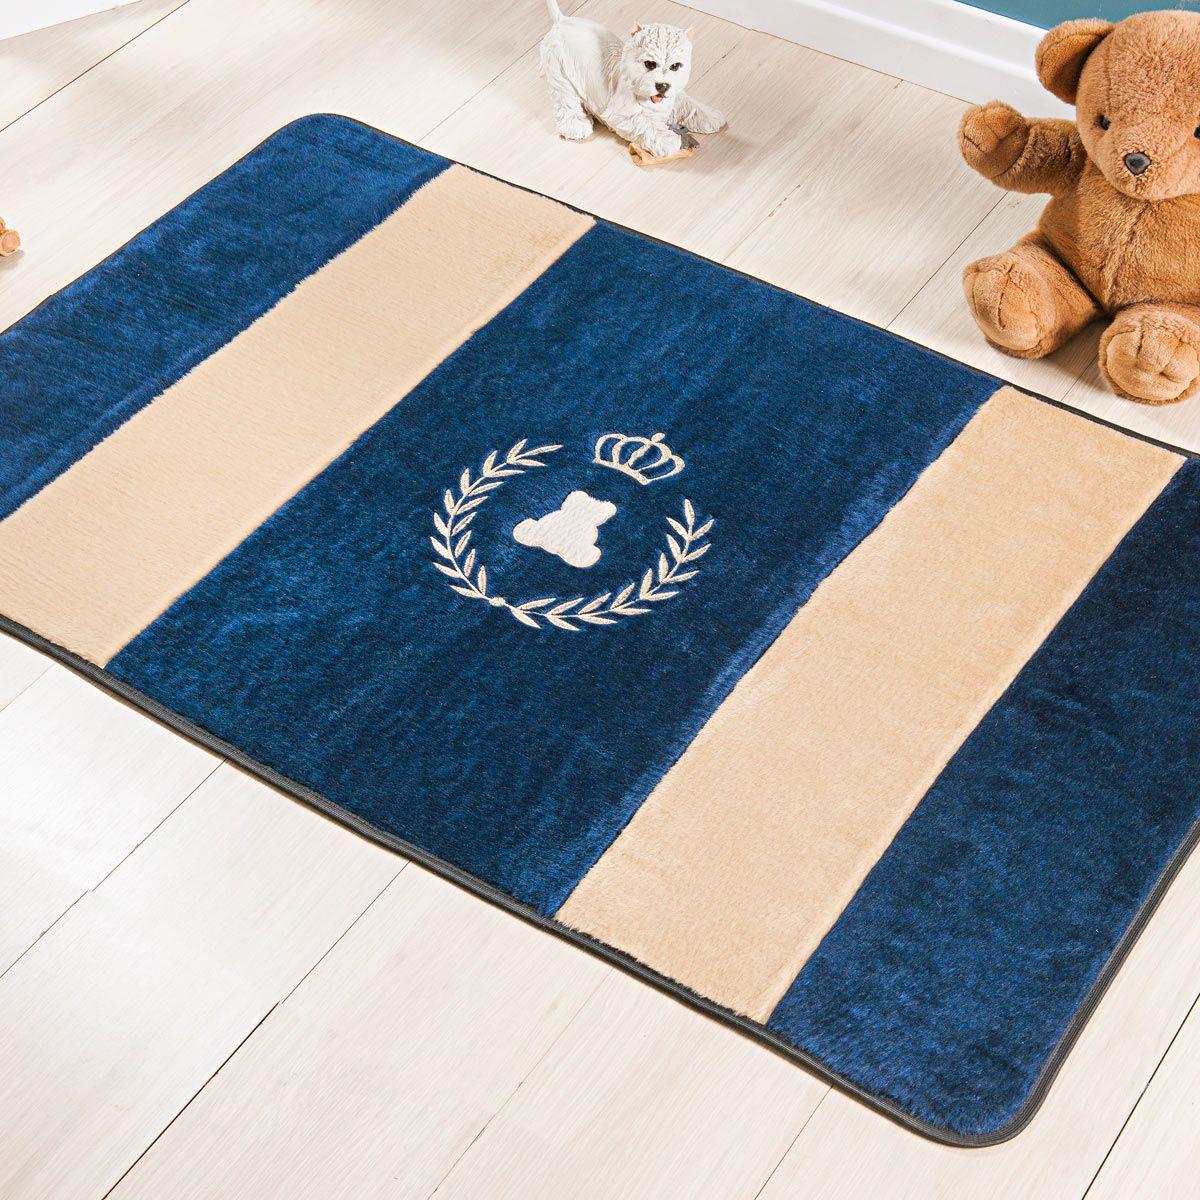 Passadeira Infantil Premium Realeza Azul Marinho 1,20m x 74cm